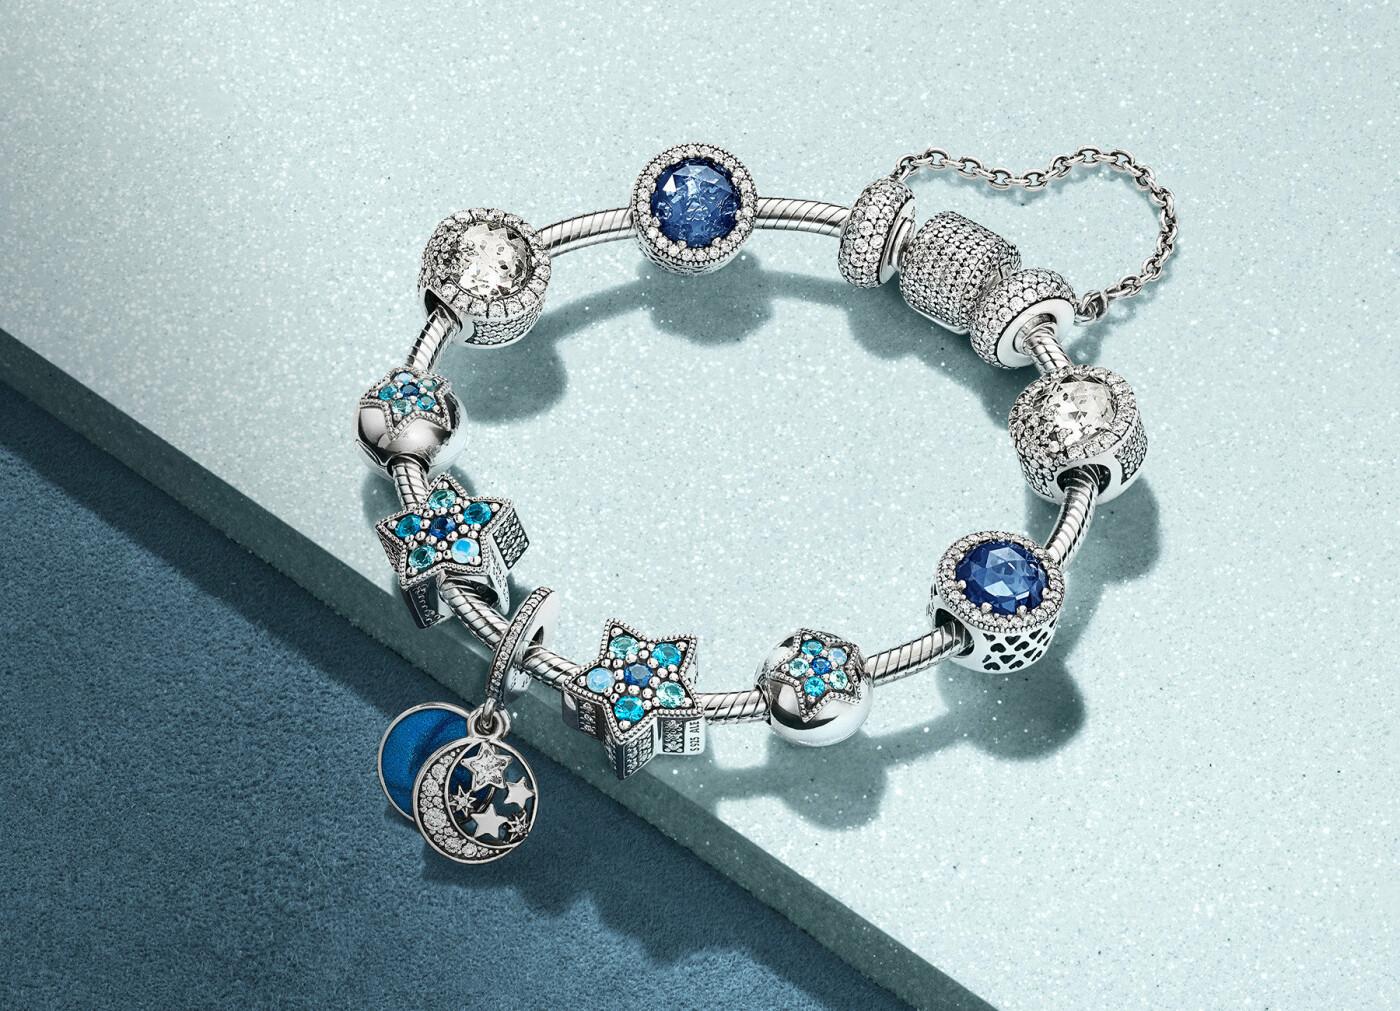 Хотите подчеркнуть свой неповторимый вкус и неотразимость? Браслеты Pandora серебро – именно то, что вам нужно!, фото-12